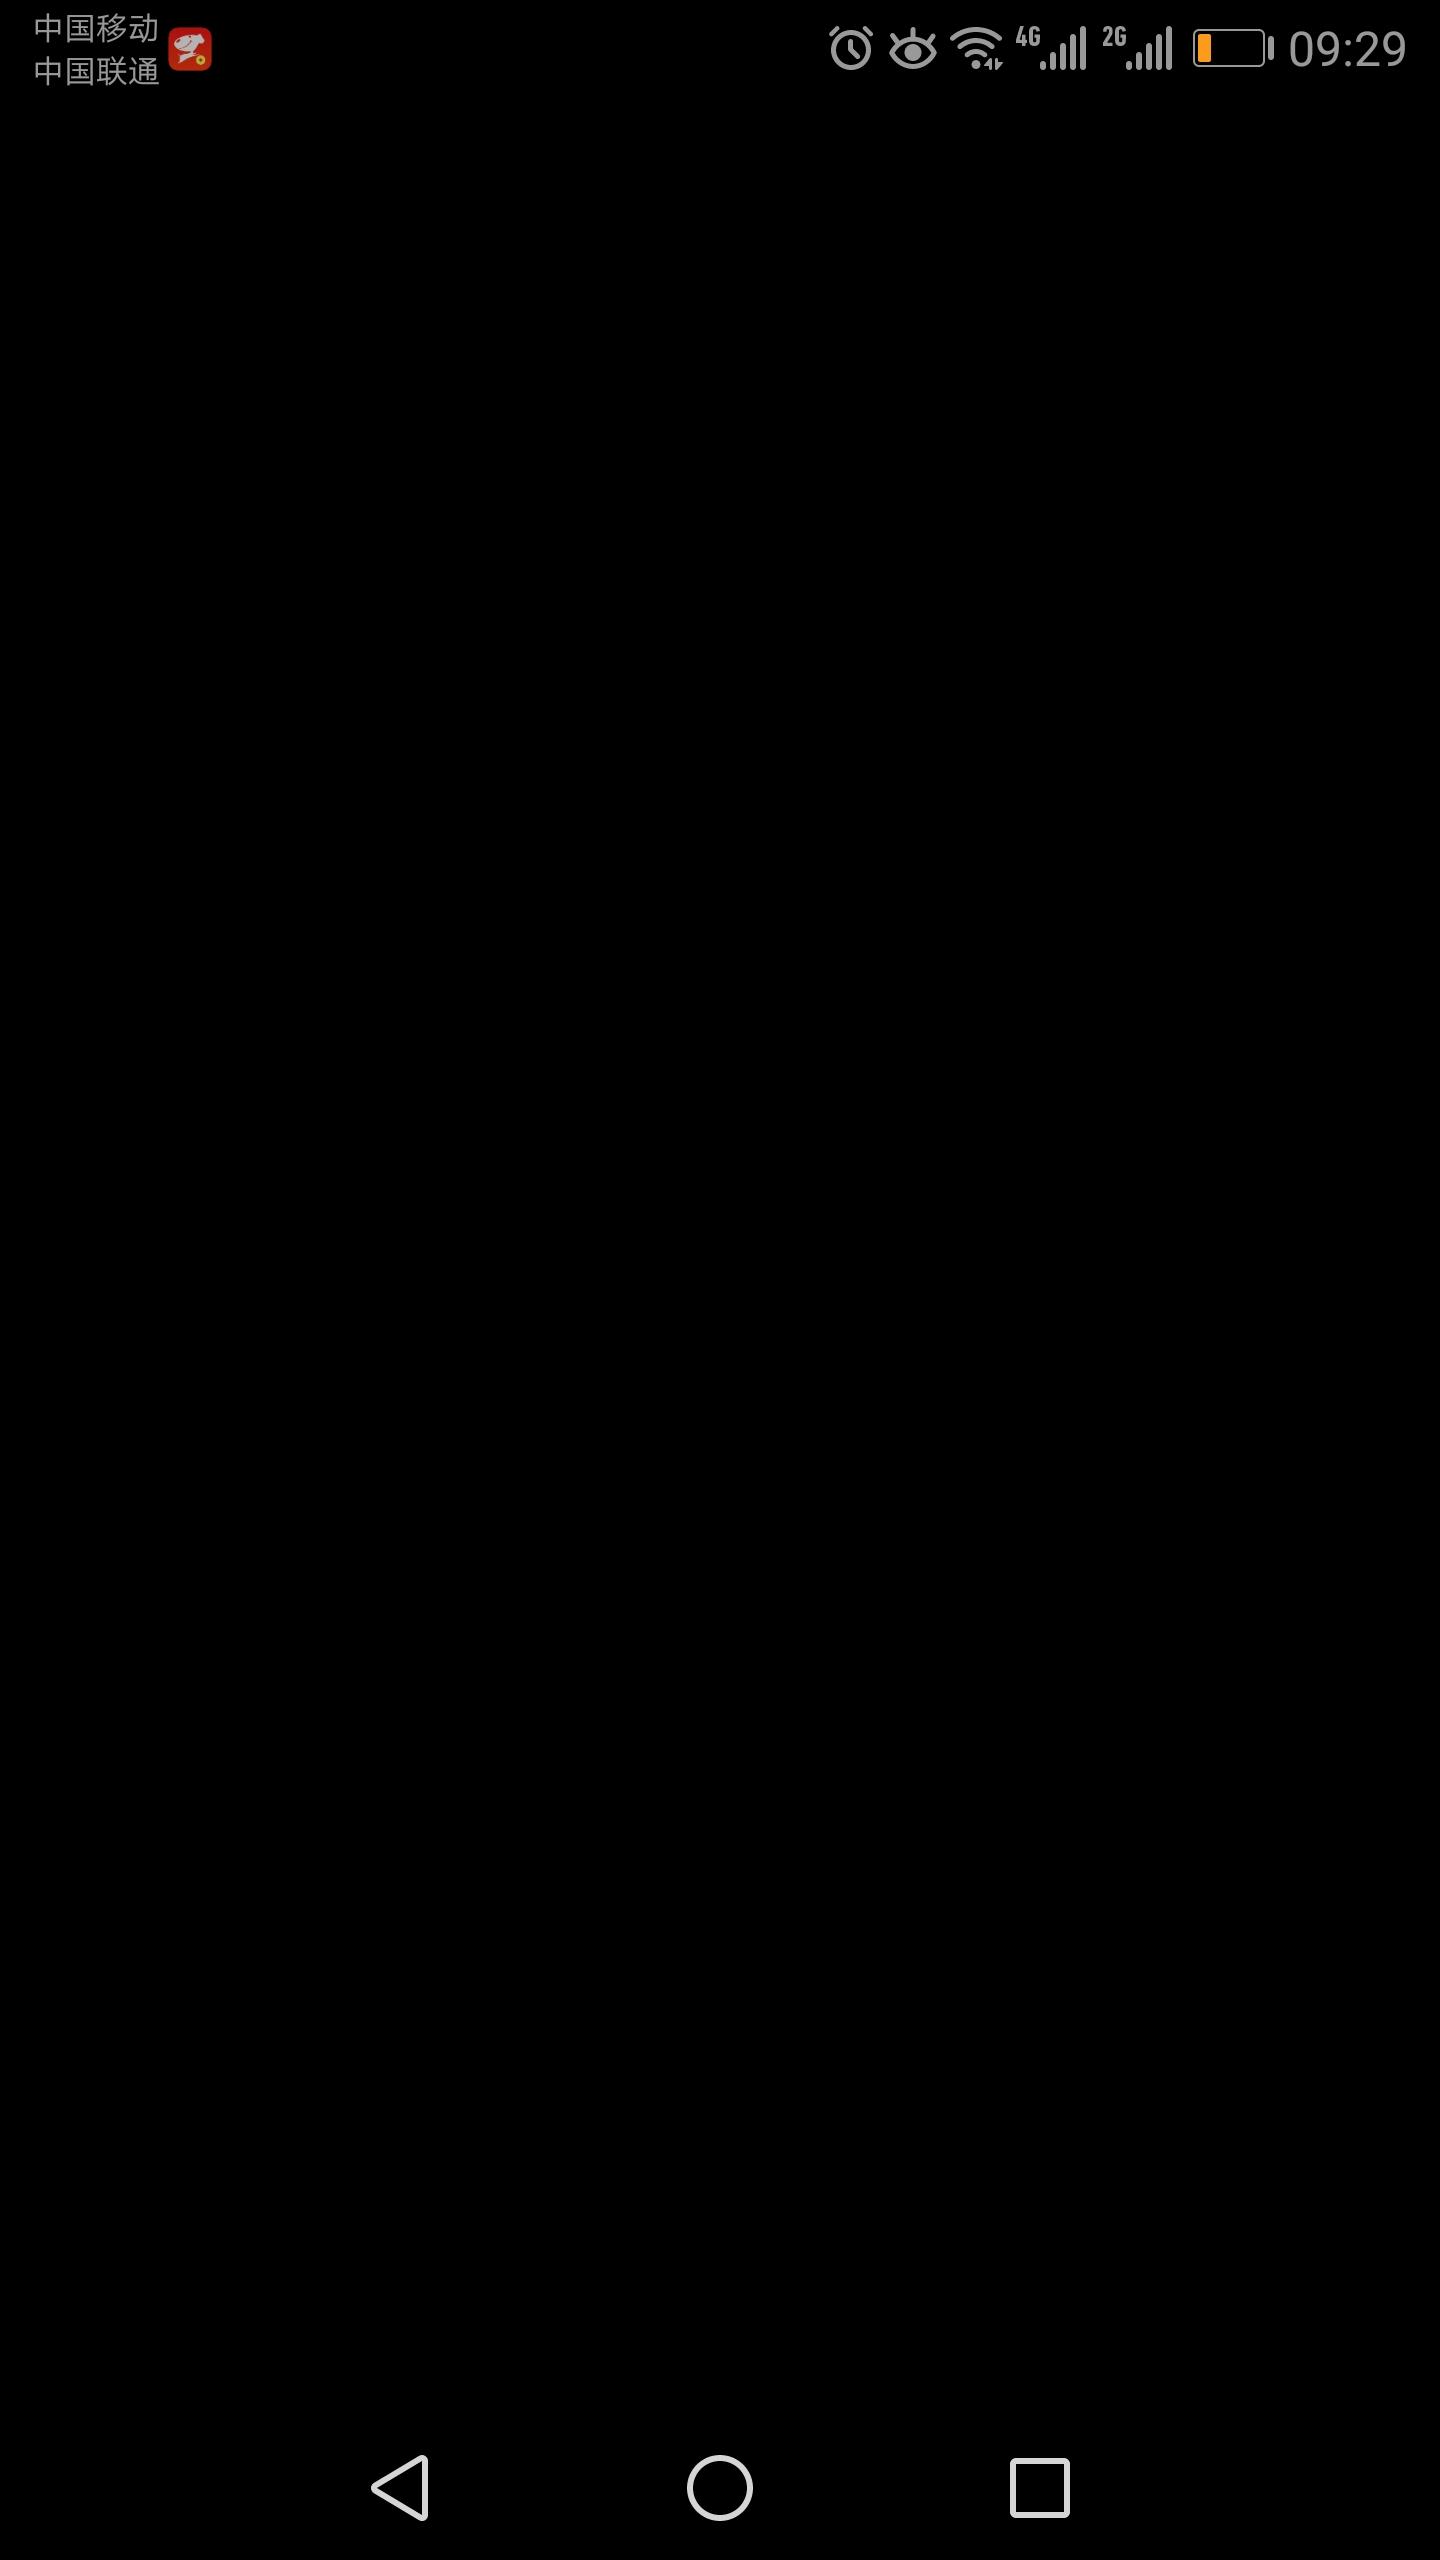 打开 钉钉 黑屏,或者一直停留在启动界面(仅显示 钉钉 logo)